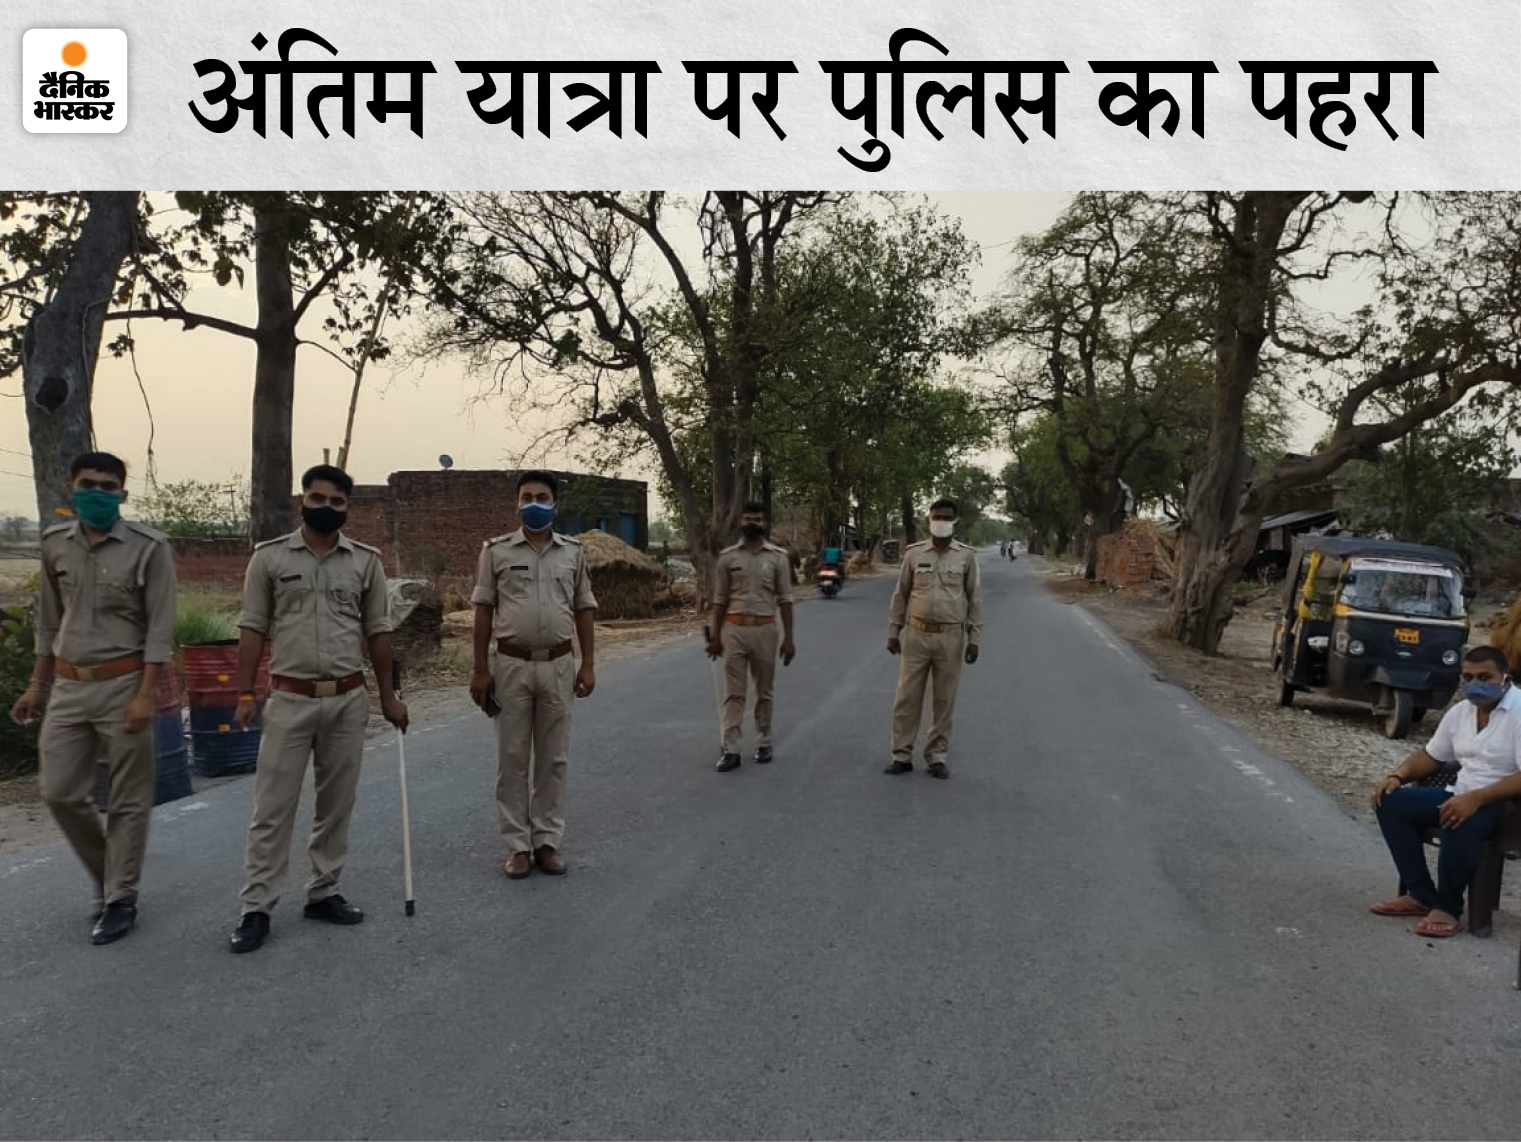 यूपी के गाजीपुर में बिहार से आने वाले सभी रास्ते सील, शवों के अंतिम संस्कार पर रोक, सड़क और गंगा के घाटों पर पुलिस का पहरा|उत्तरप्रदेश,Uttar Pradesh - Dainik Bhaskar